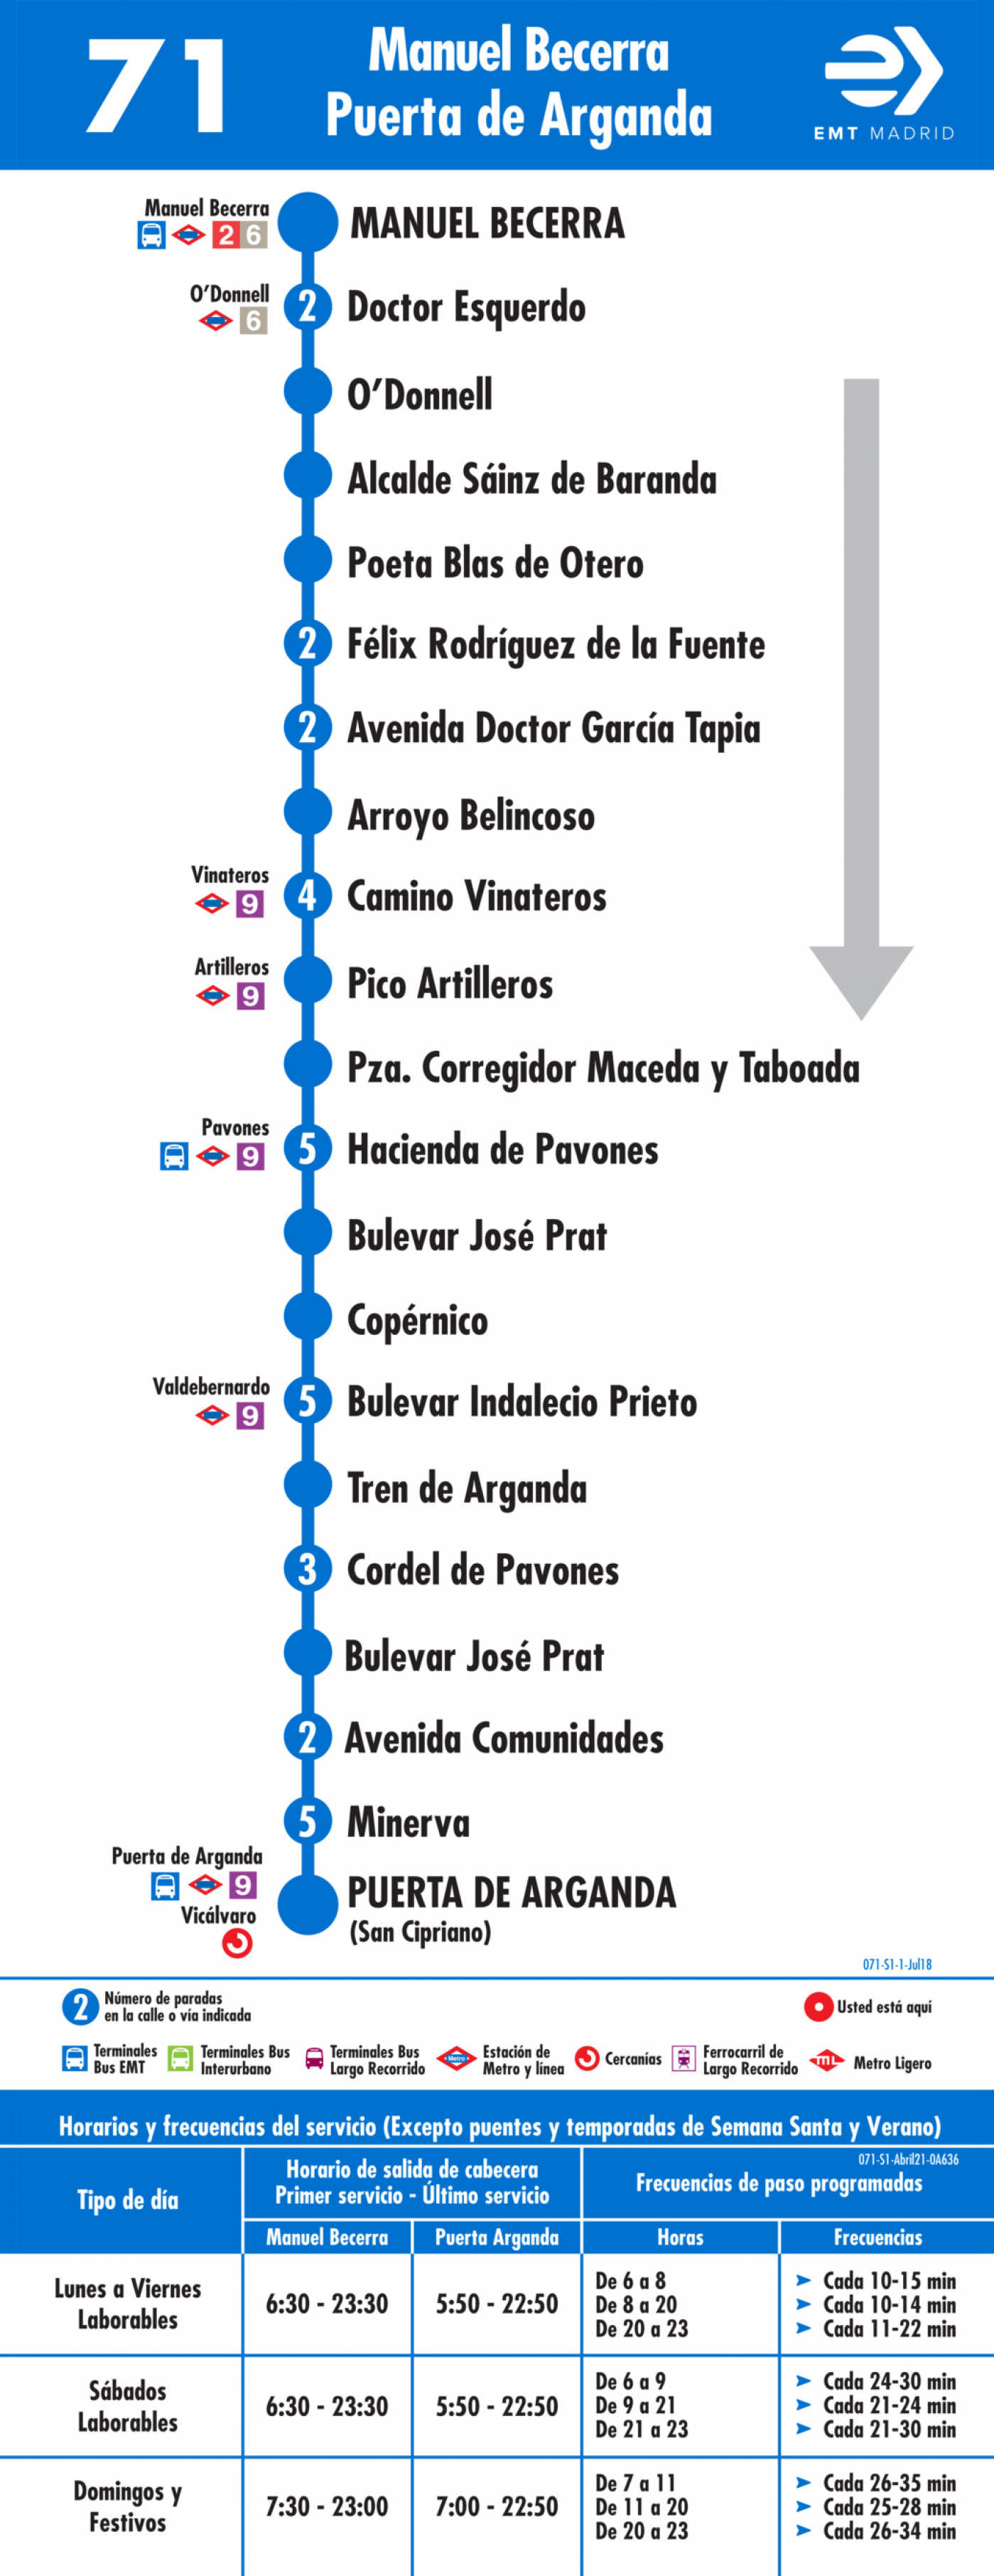 Tabla de horarios y frecuencias de paso en sentido ida Línea 71: Plaza Manuel Becerra - Puerta de Arganda